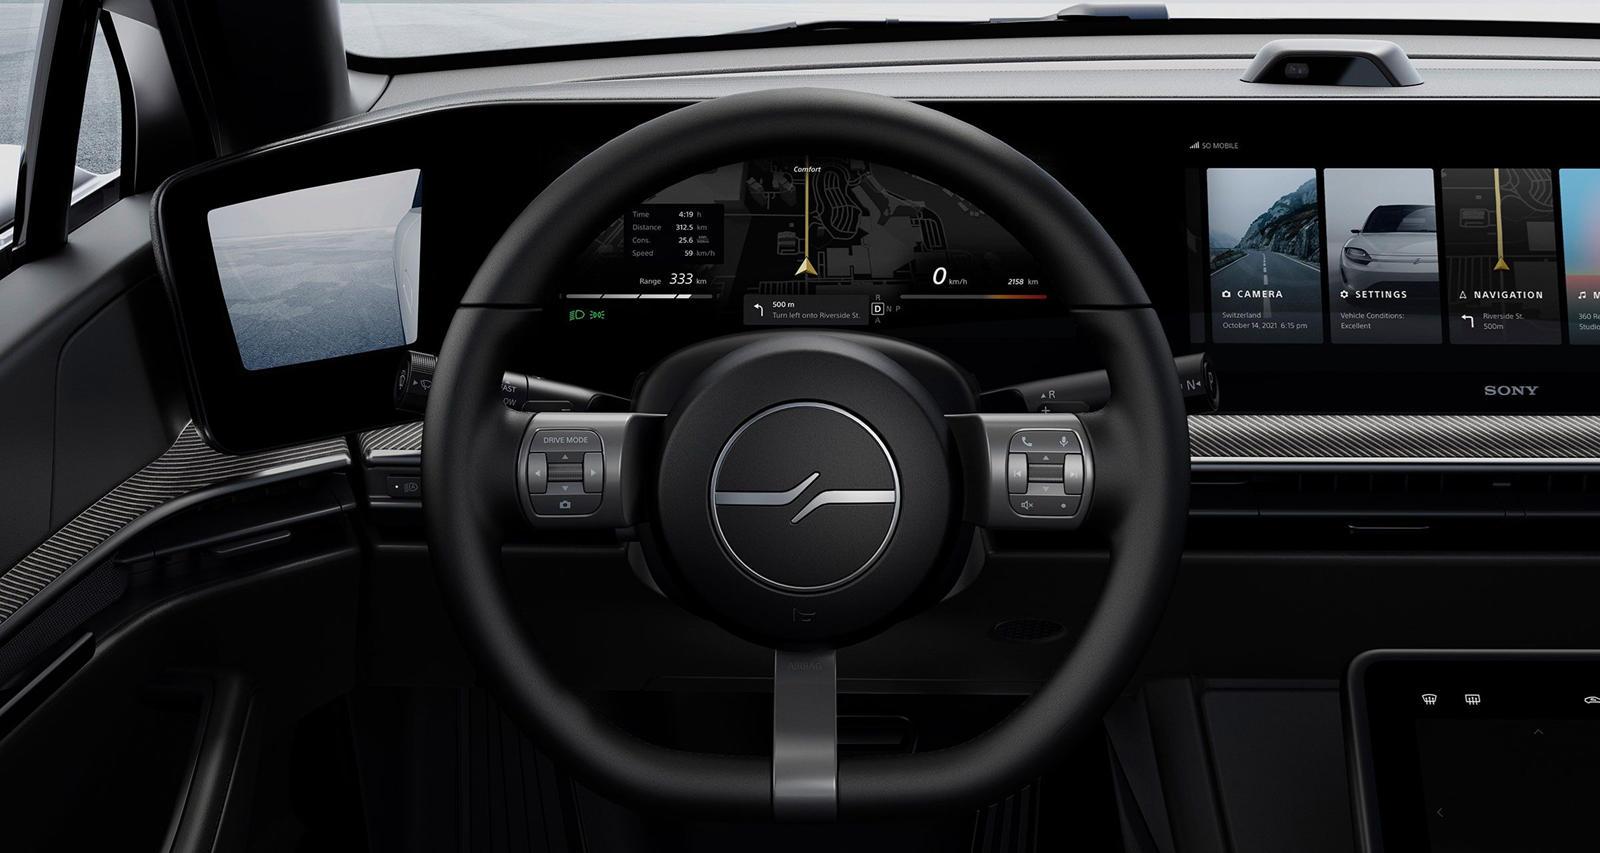 Sony также известен своими аудиотехнологиями, и Vision-S включает в себя «360 Reality Audio», который создает звуковой кокон вокруг голов пассажиров, и с оценкой в 536 лошадиных сил это тоже неплохо.